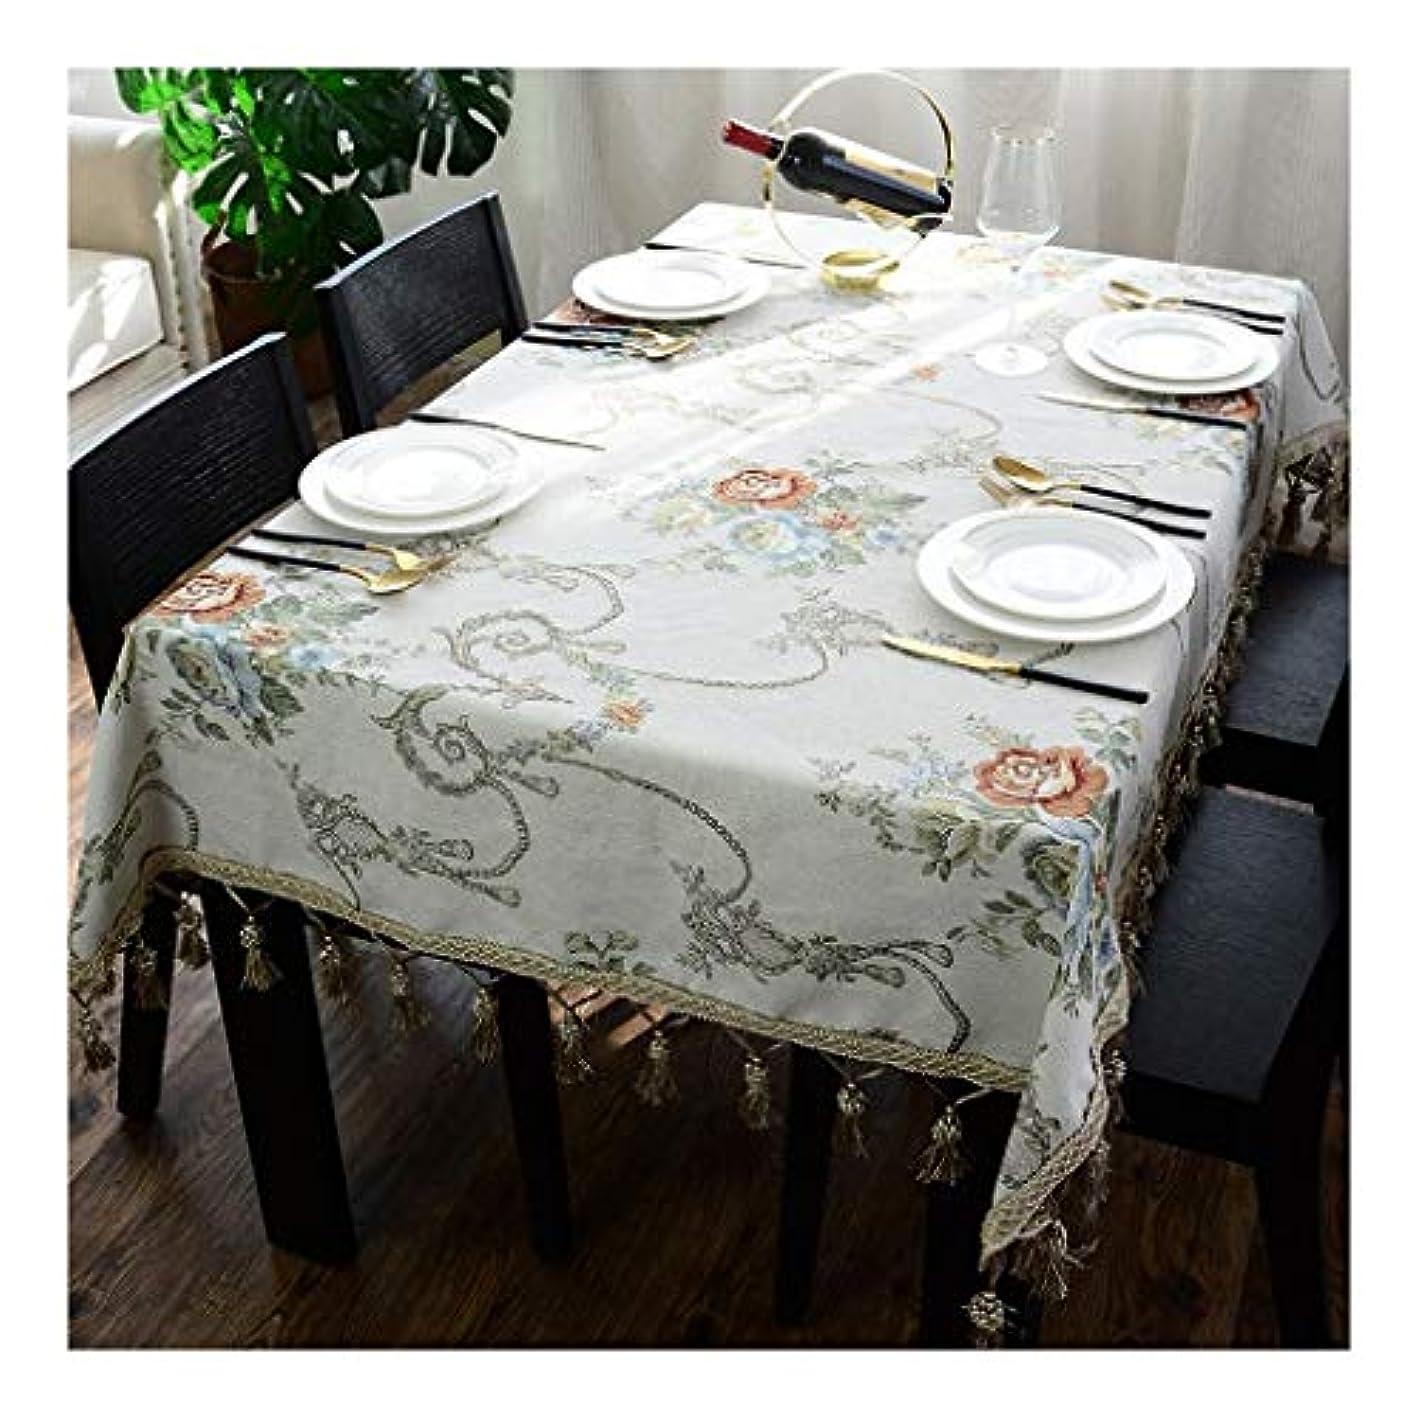 ポルノパスタ円形テーブルクロス長方形コーヒーテーブルテーブルクロスファブリックリビングルームホームダイニングテーブルクロスラグジュアリーホテルシェニールコットンとリネンスクエアテーブルクロステーブルマットブルー (Color : C, Size : 90*90cm)